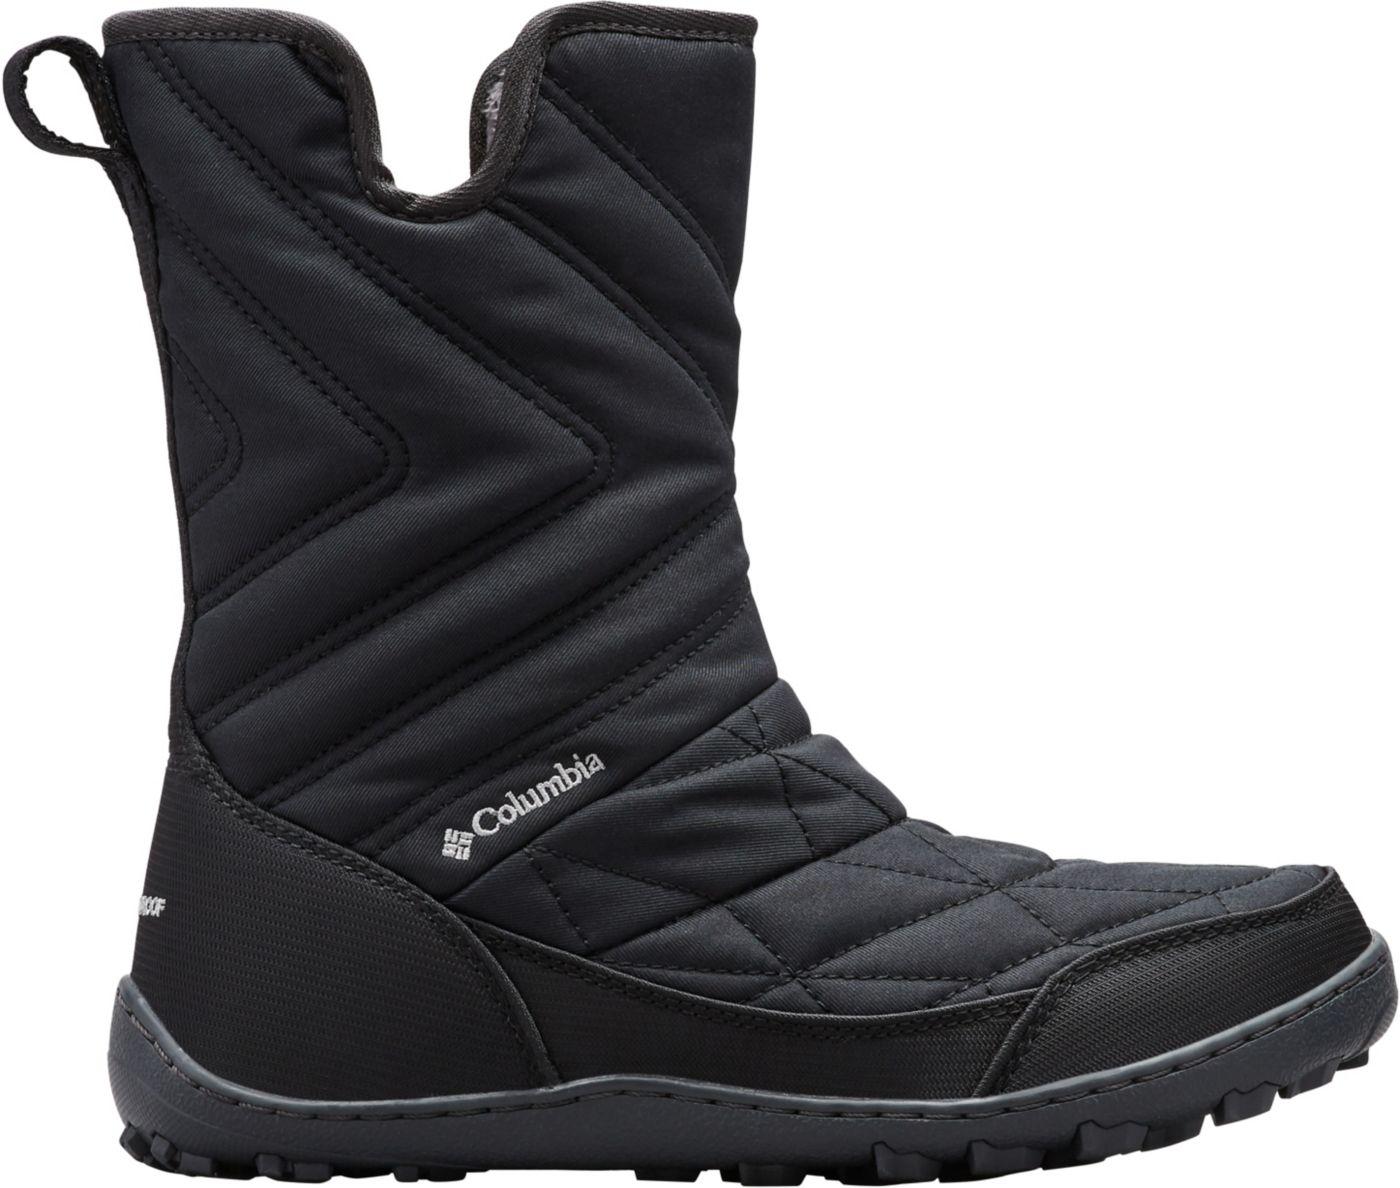 Columbia Women's Minx Shorty III Slip 200g Waterproof Winter Shoes